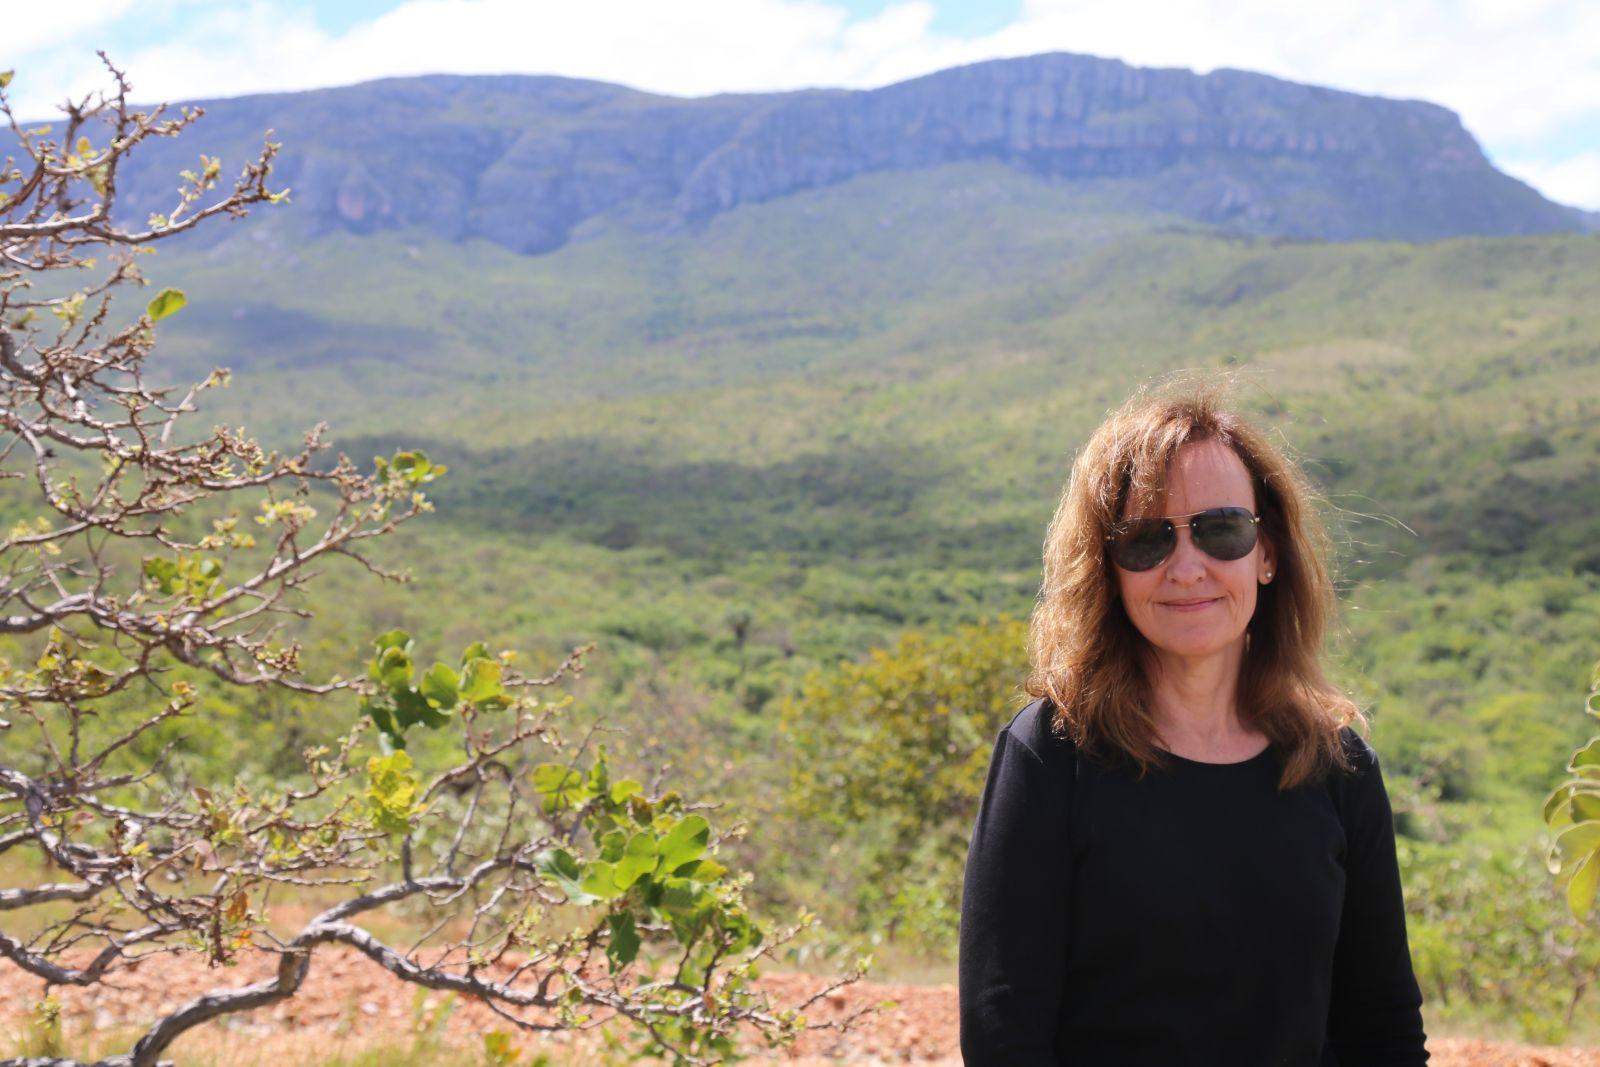 Bióloga Rosana Romero, do Instituto de Biologia da UFU, foi uma das responsáveis pela descoberta | Foto: Divulgação